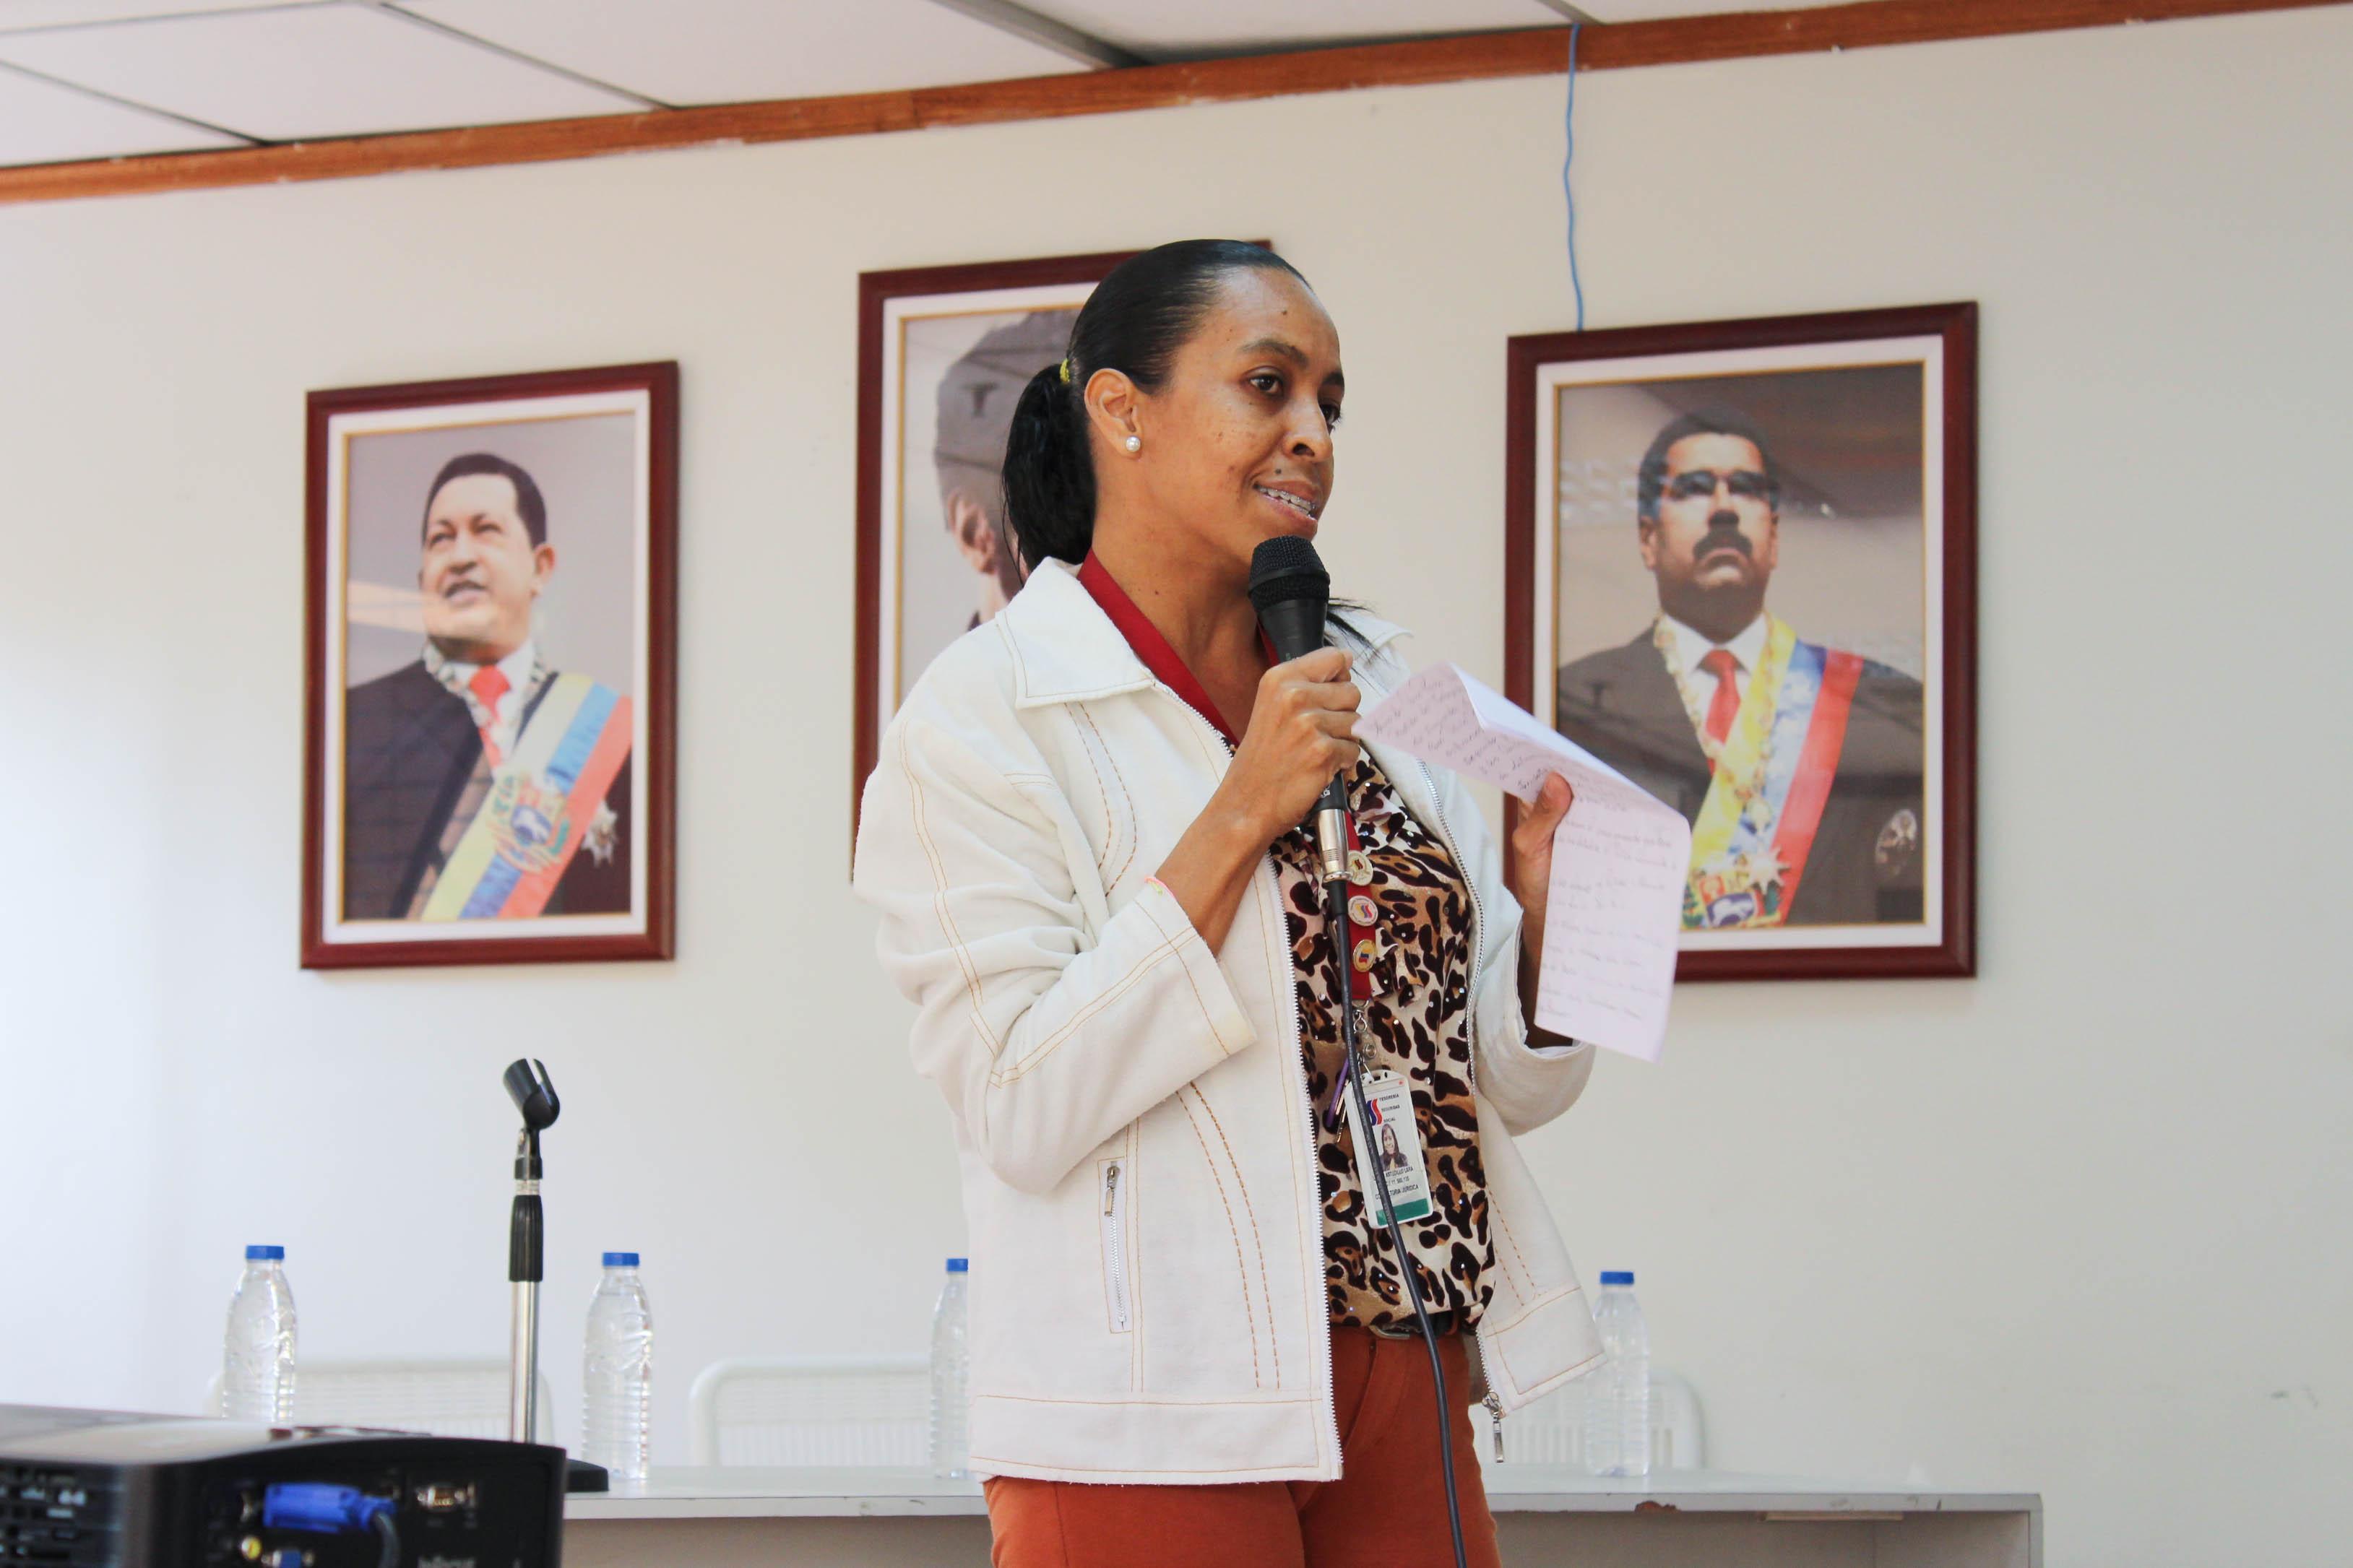 Foro de São Paulo en el Contexto de la Geopolítica Latinoamericana y Caribeña